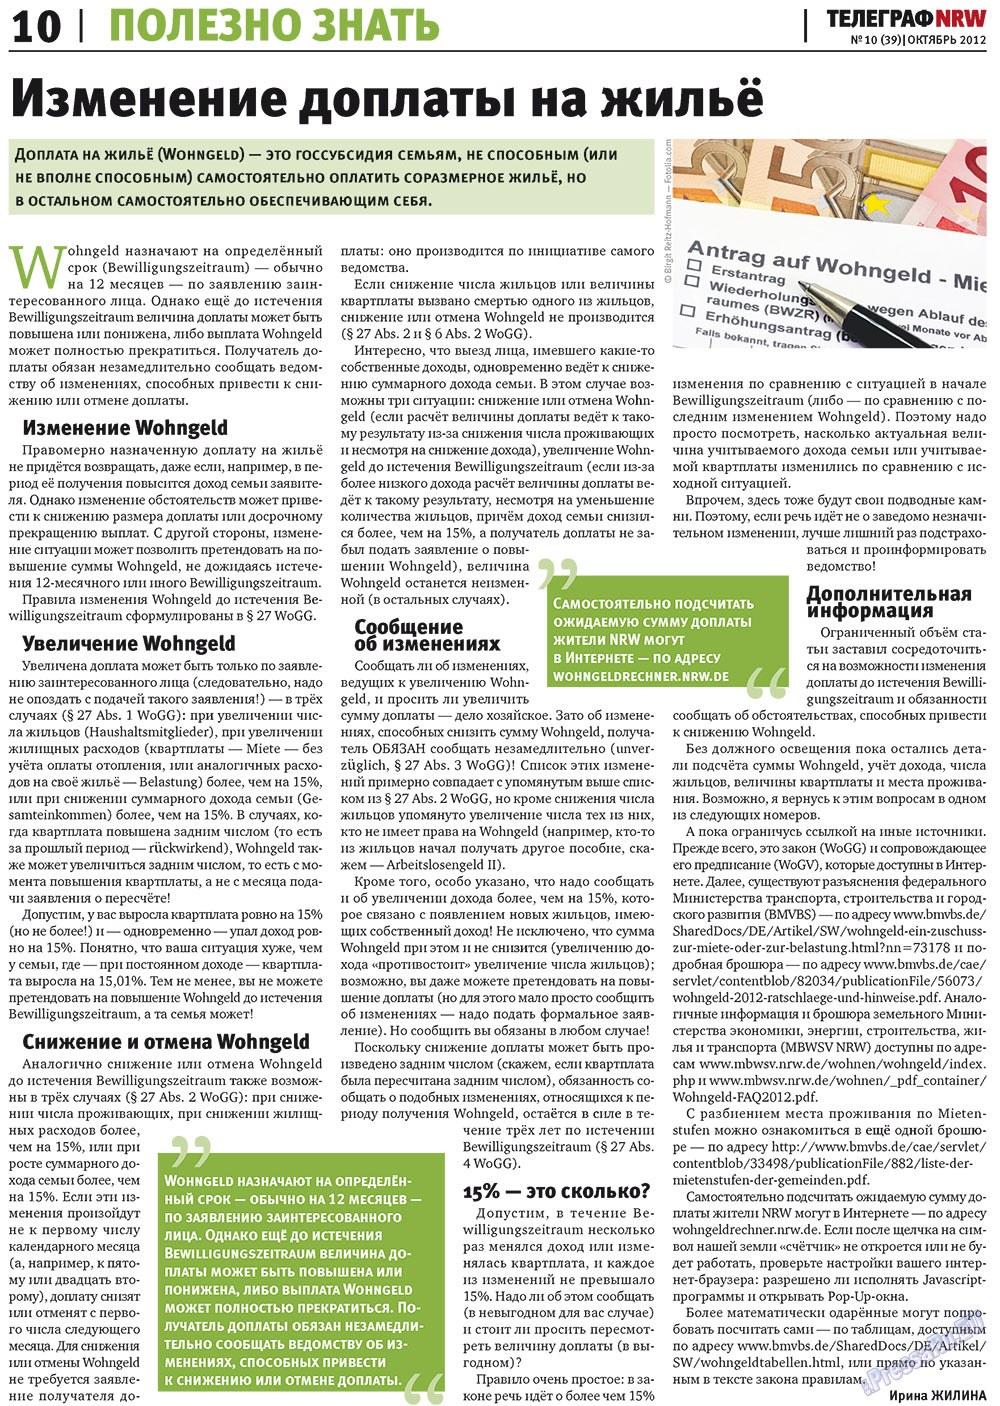 Телеграф NRW (газета). 2012 год, номер 10, стр. 10